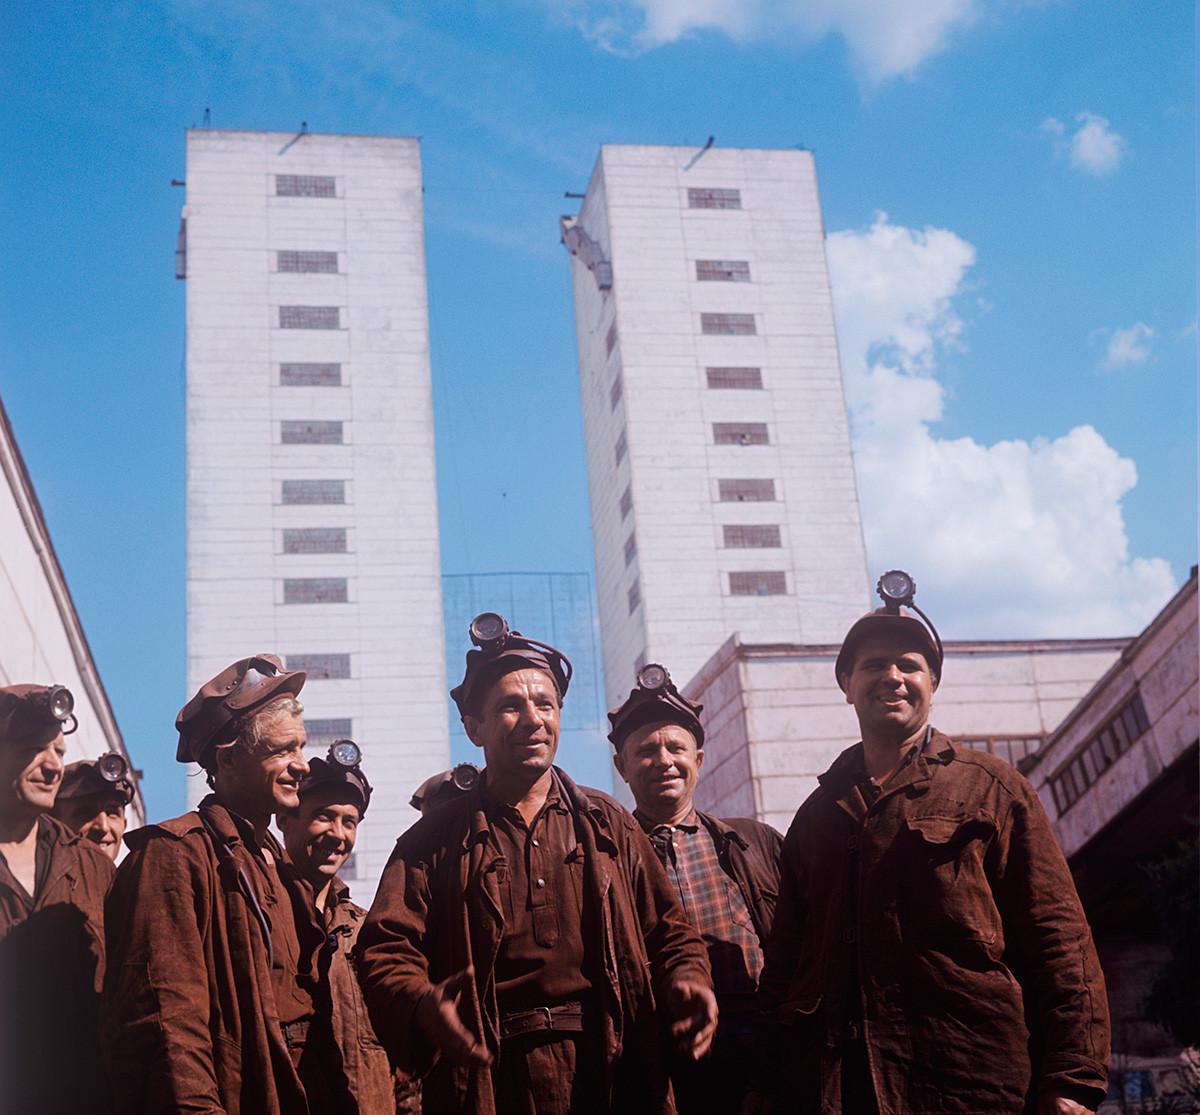 Mineros en la mina Gvardeiskaia, Krivoi Rog, 1970.